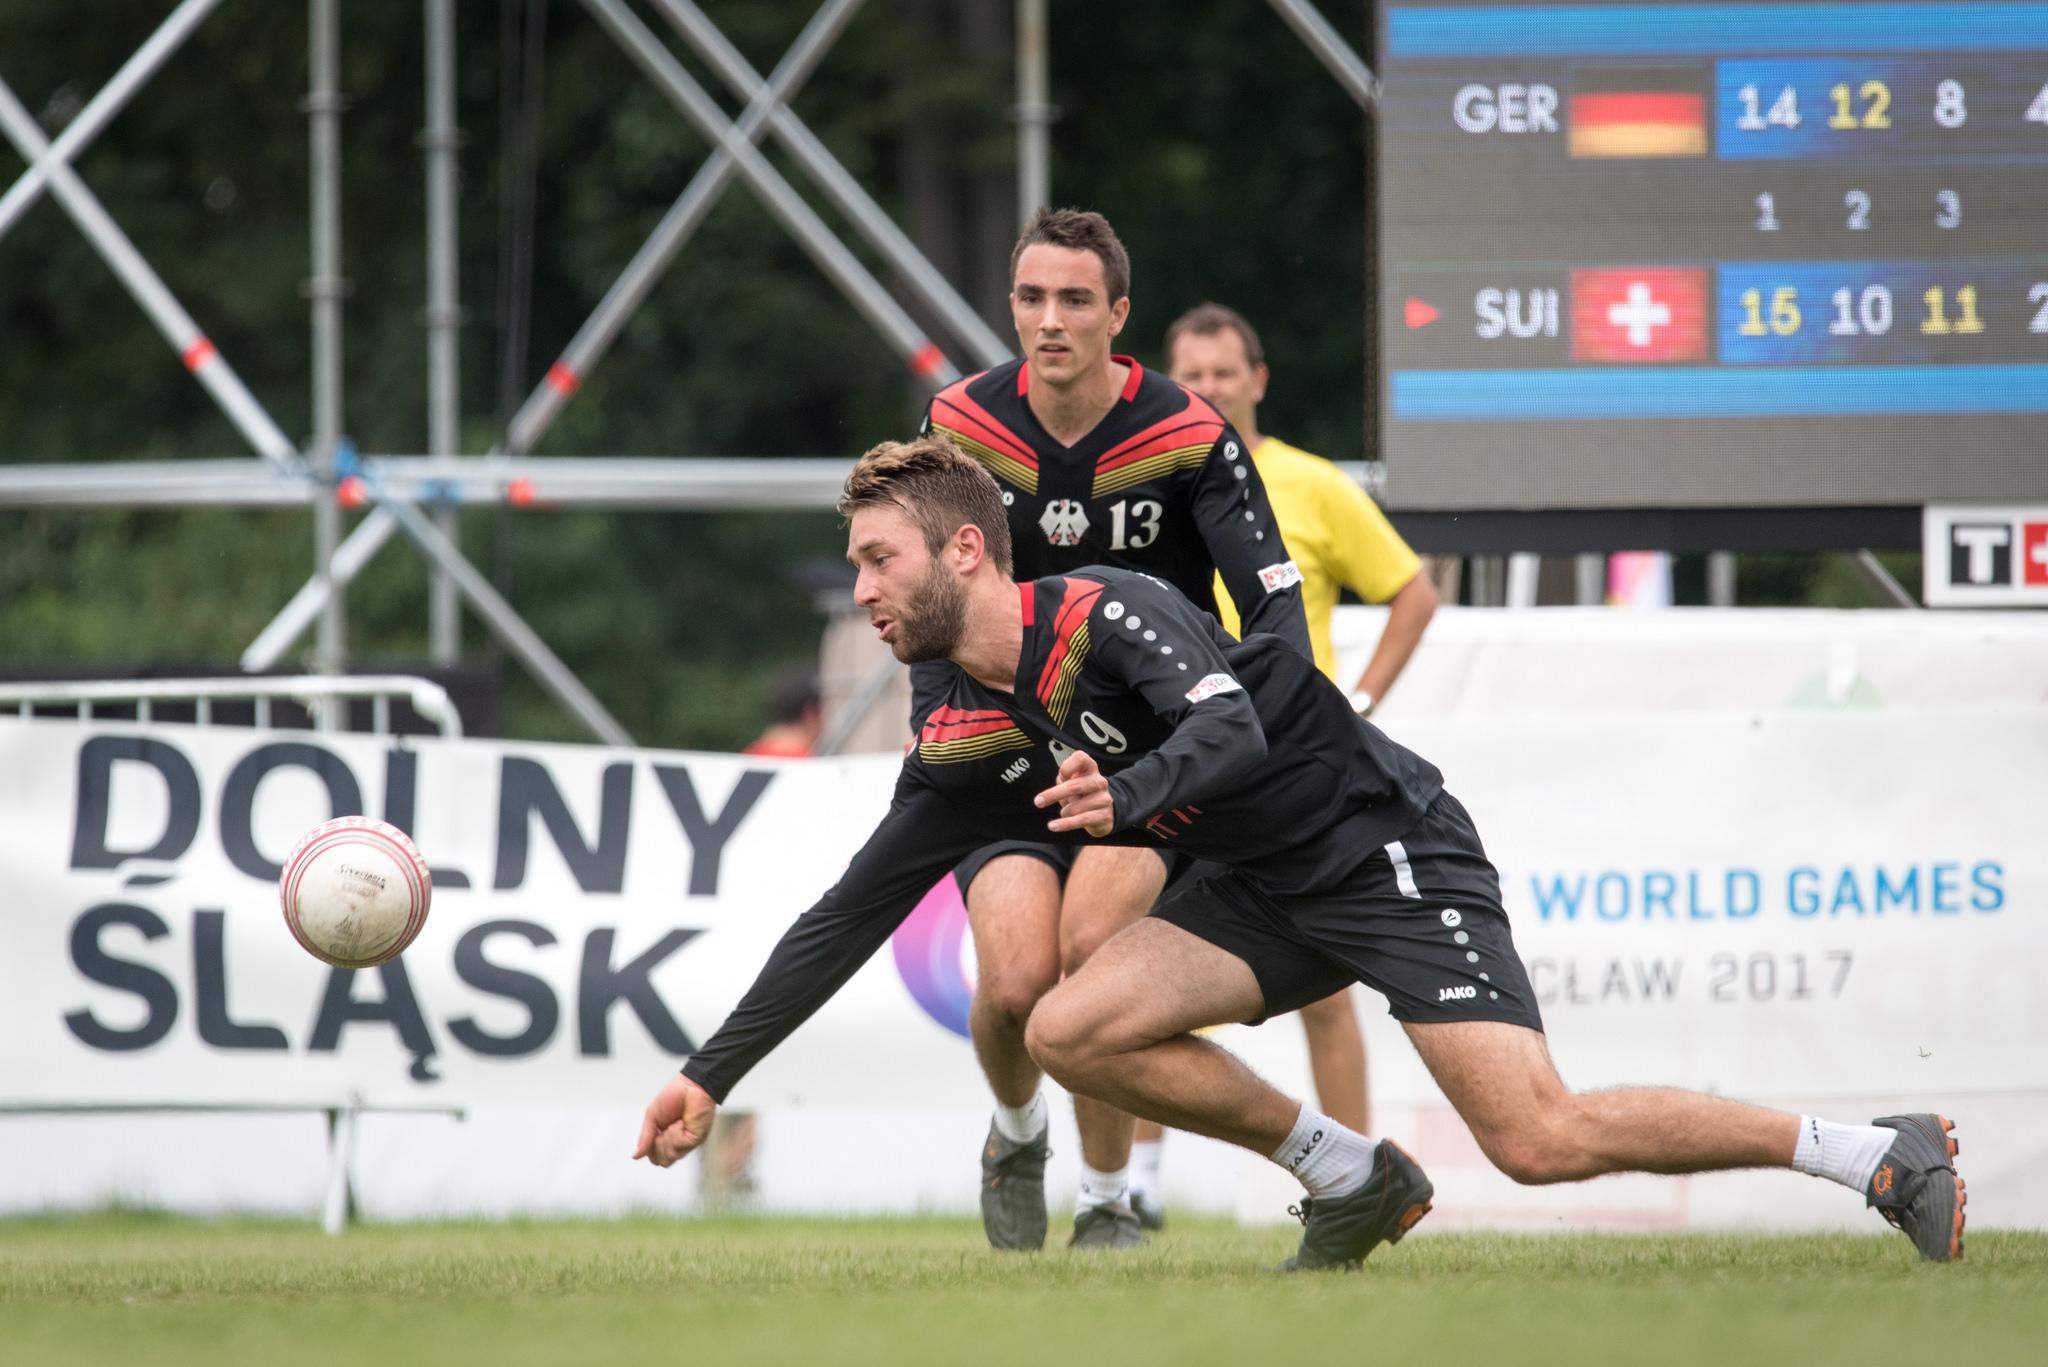 Wieder gegen die Schweiz spielen Nick Trinemeier, Tim Albrecht und die deutsche Auswahl (Foto: DFBL/Schönwandt)